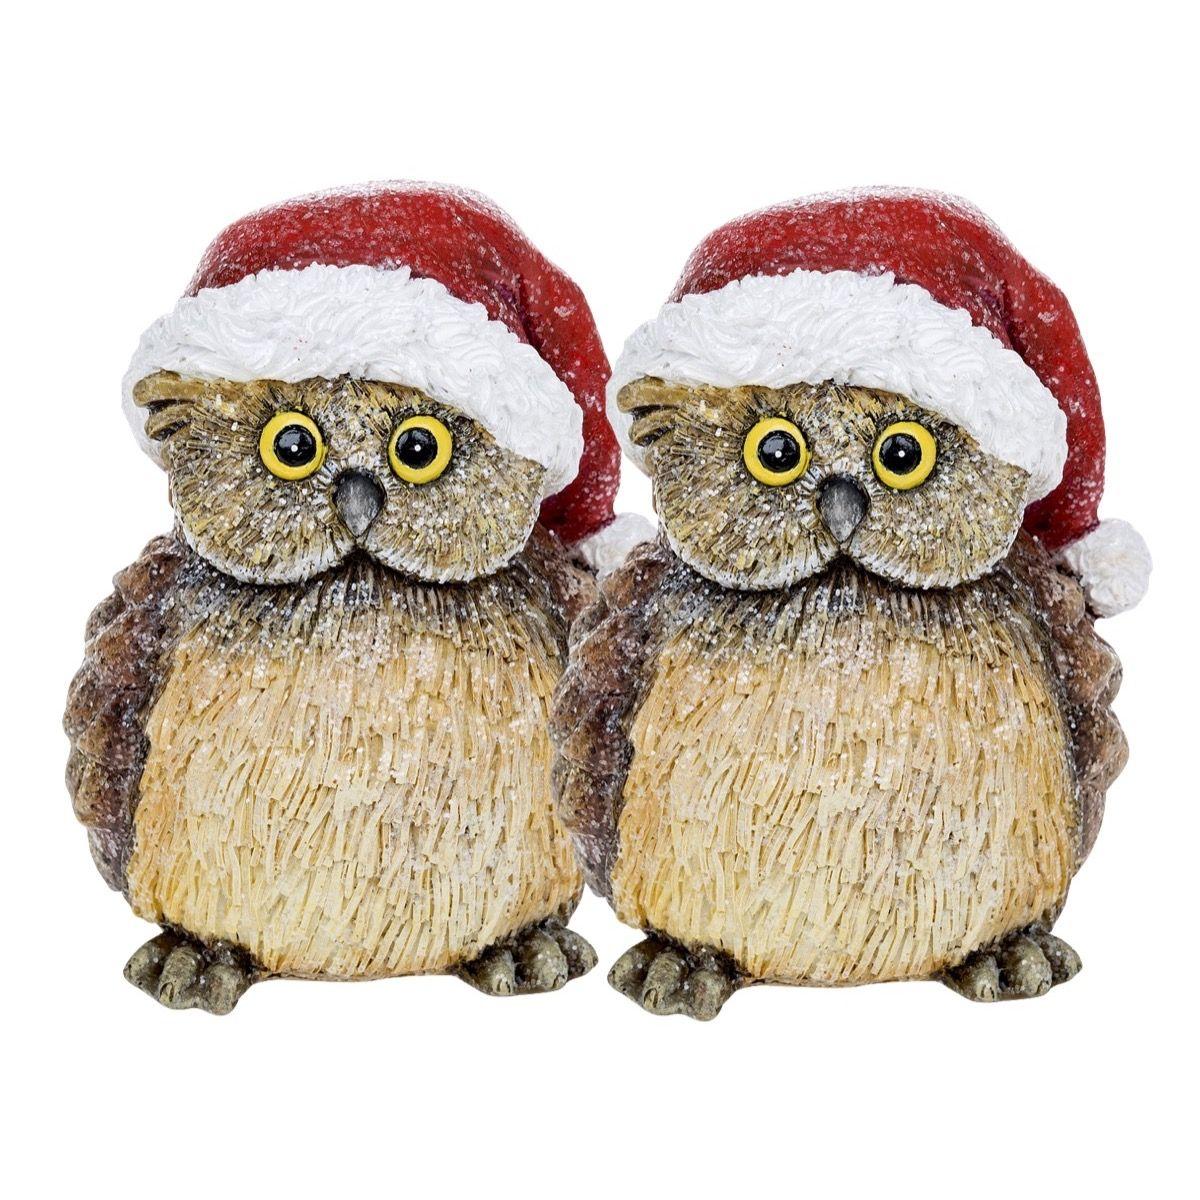 Saver Set of 2 Woodland Owls // Christmas 2016 at the Owl Barn